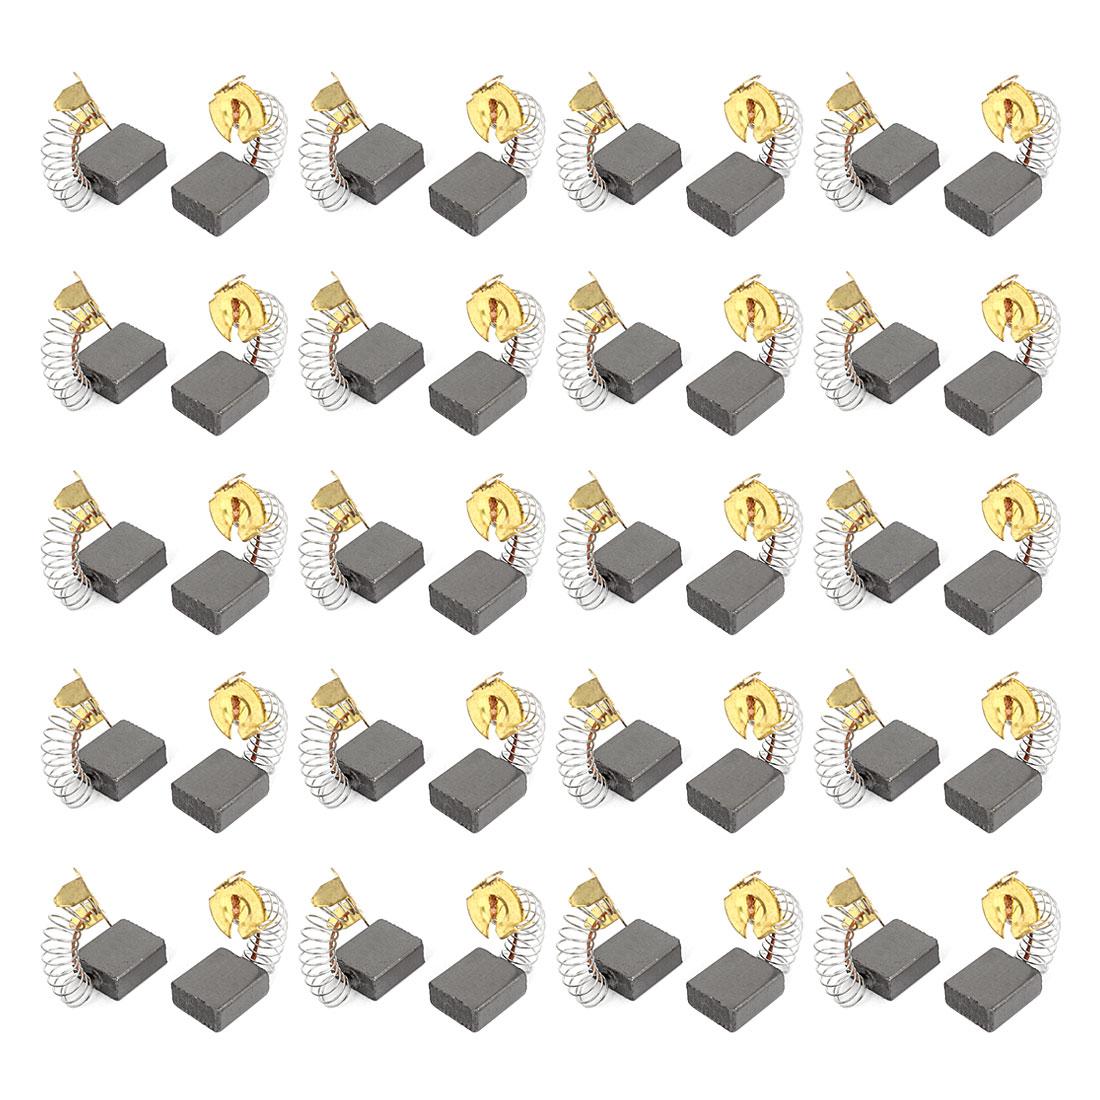 Dmiotech 40 Pcs 15Mm X 14Mm X 6Mm Motor Carbon Brushes Power Tool .   11mm   13.5mm   13mm   14mm   15mm   17mm   6mm   7.5mm   dmiotech 20 pcs electric drill motor carbon brushes 10mm 11mm 13mm 17mm 6mm 7 5mm 7mm 8mm 9mm